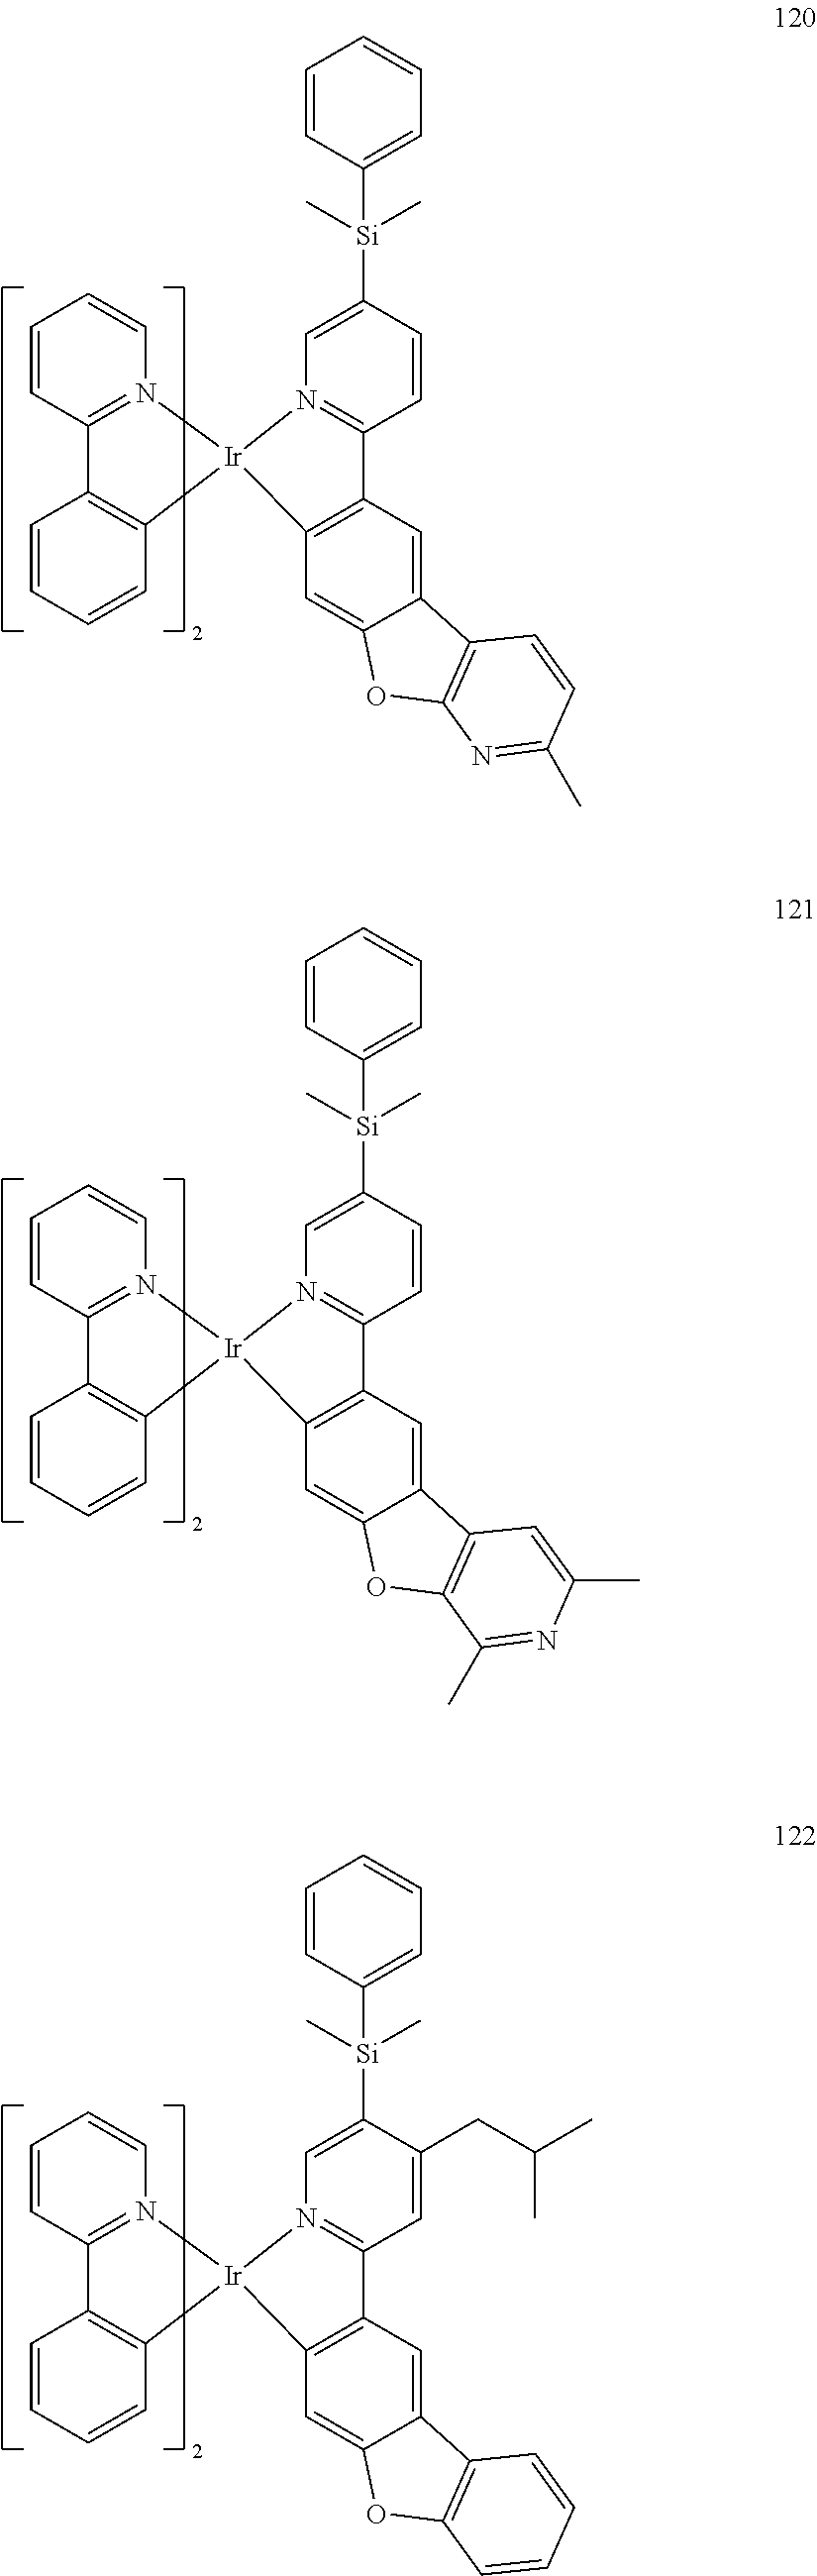 Figure US20160155962A1-20160602-C00364